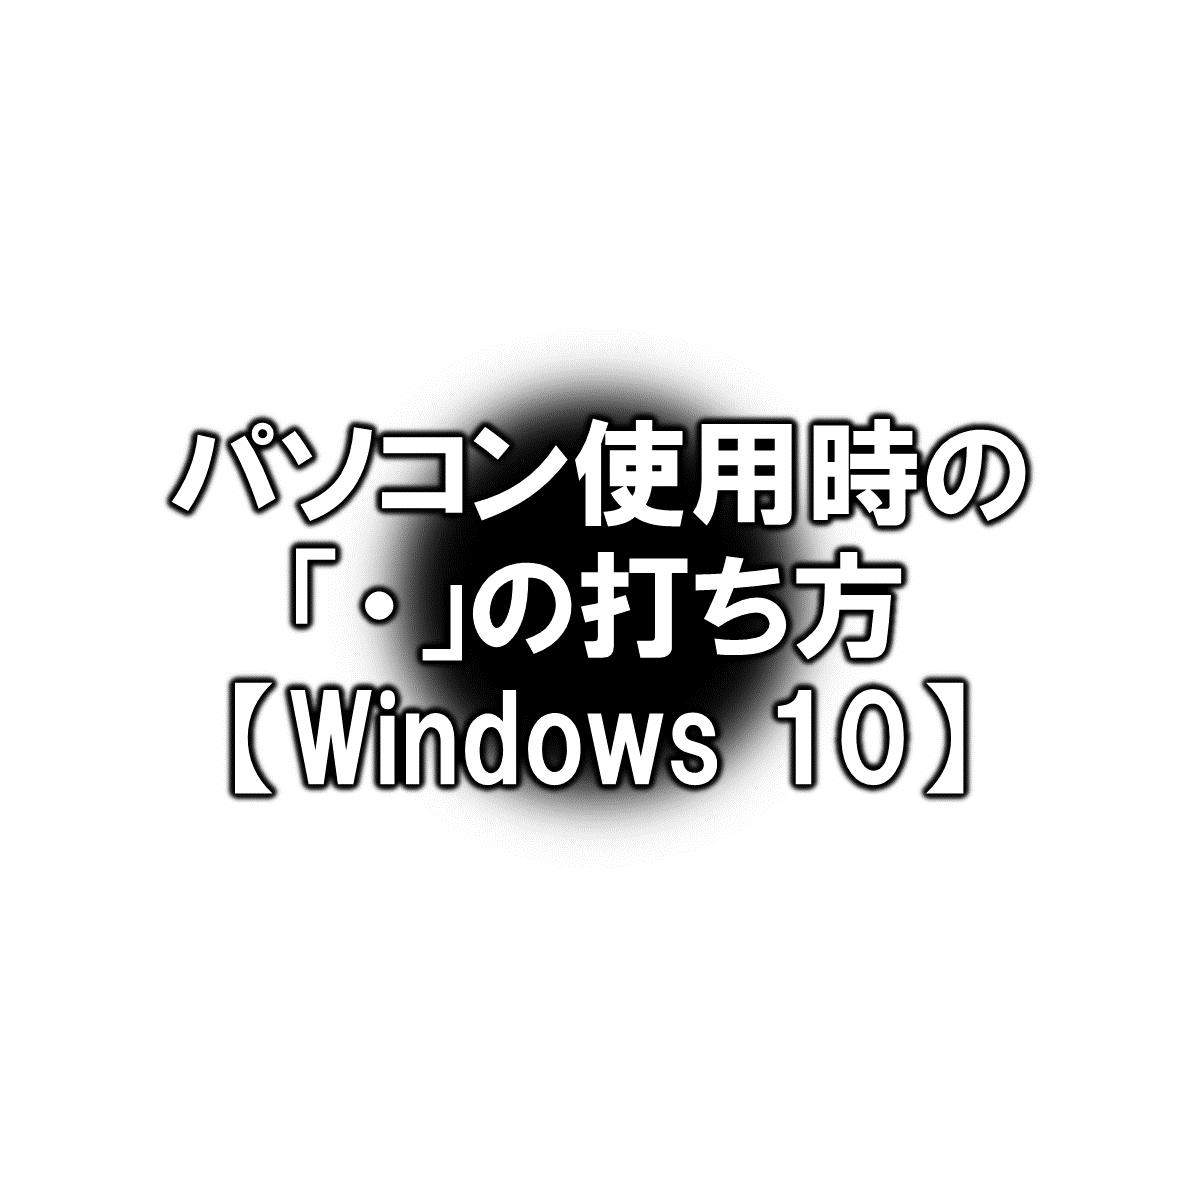 パソコン使用時の「・」の打ち方【Windows 10】